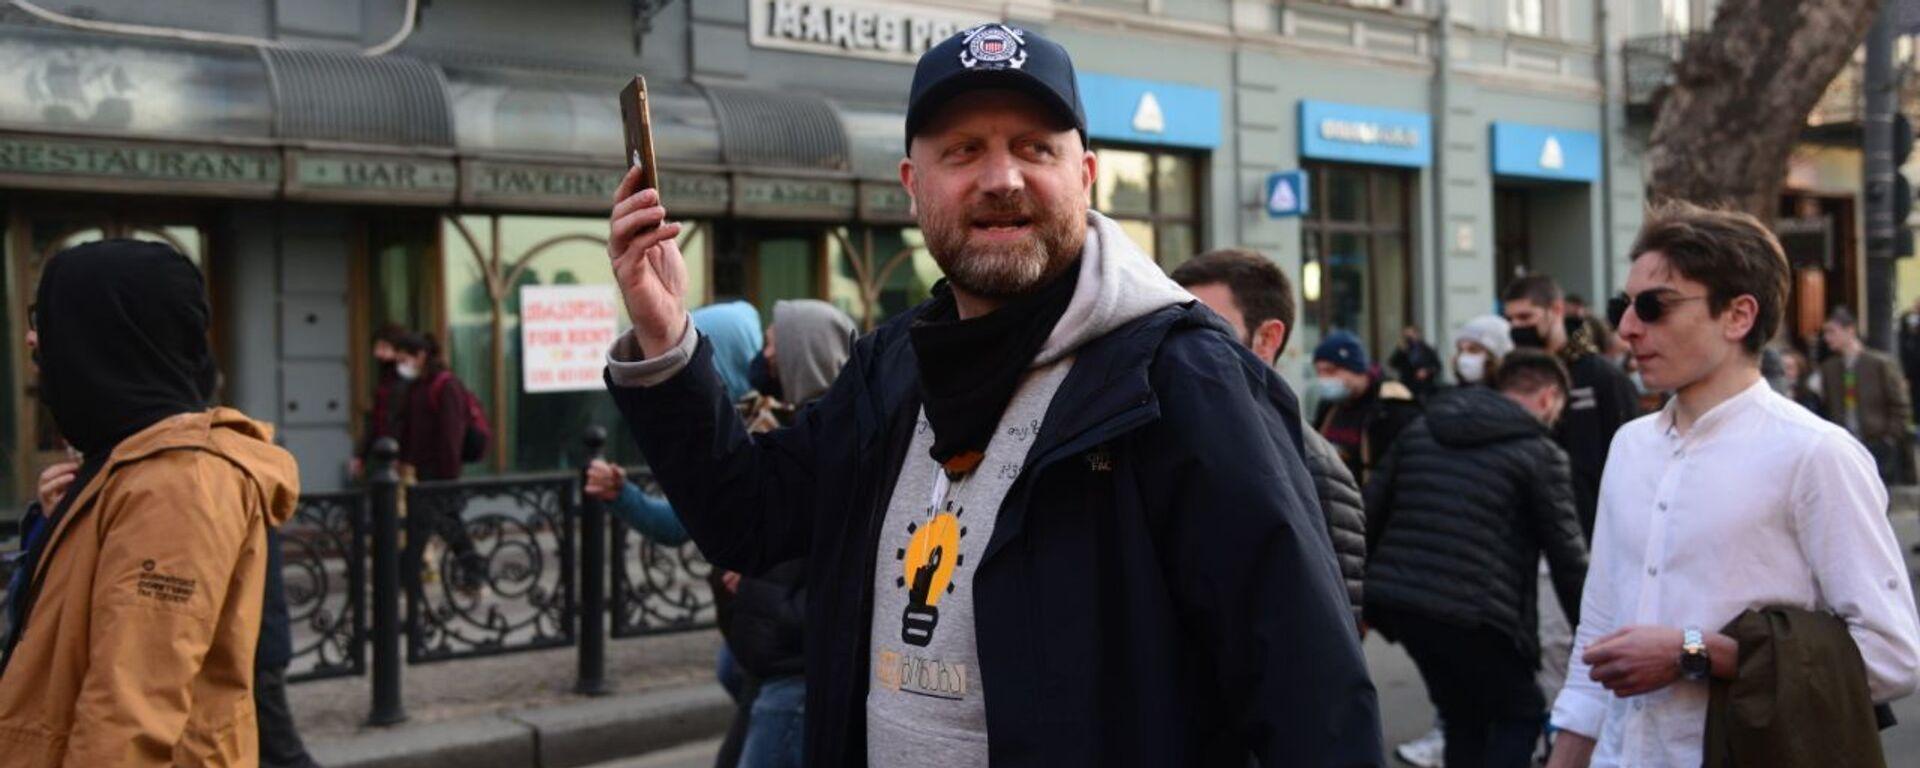 Зураб Джапаридзе. Шествие против комендантского часа и ковид-ограничений в центре столицы Грузии 3 апреля 2021 года - Sputnik Грузия, 1920, 06.05.2021